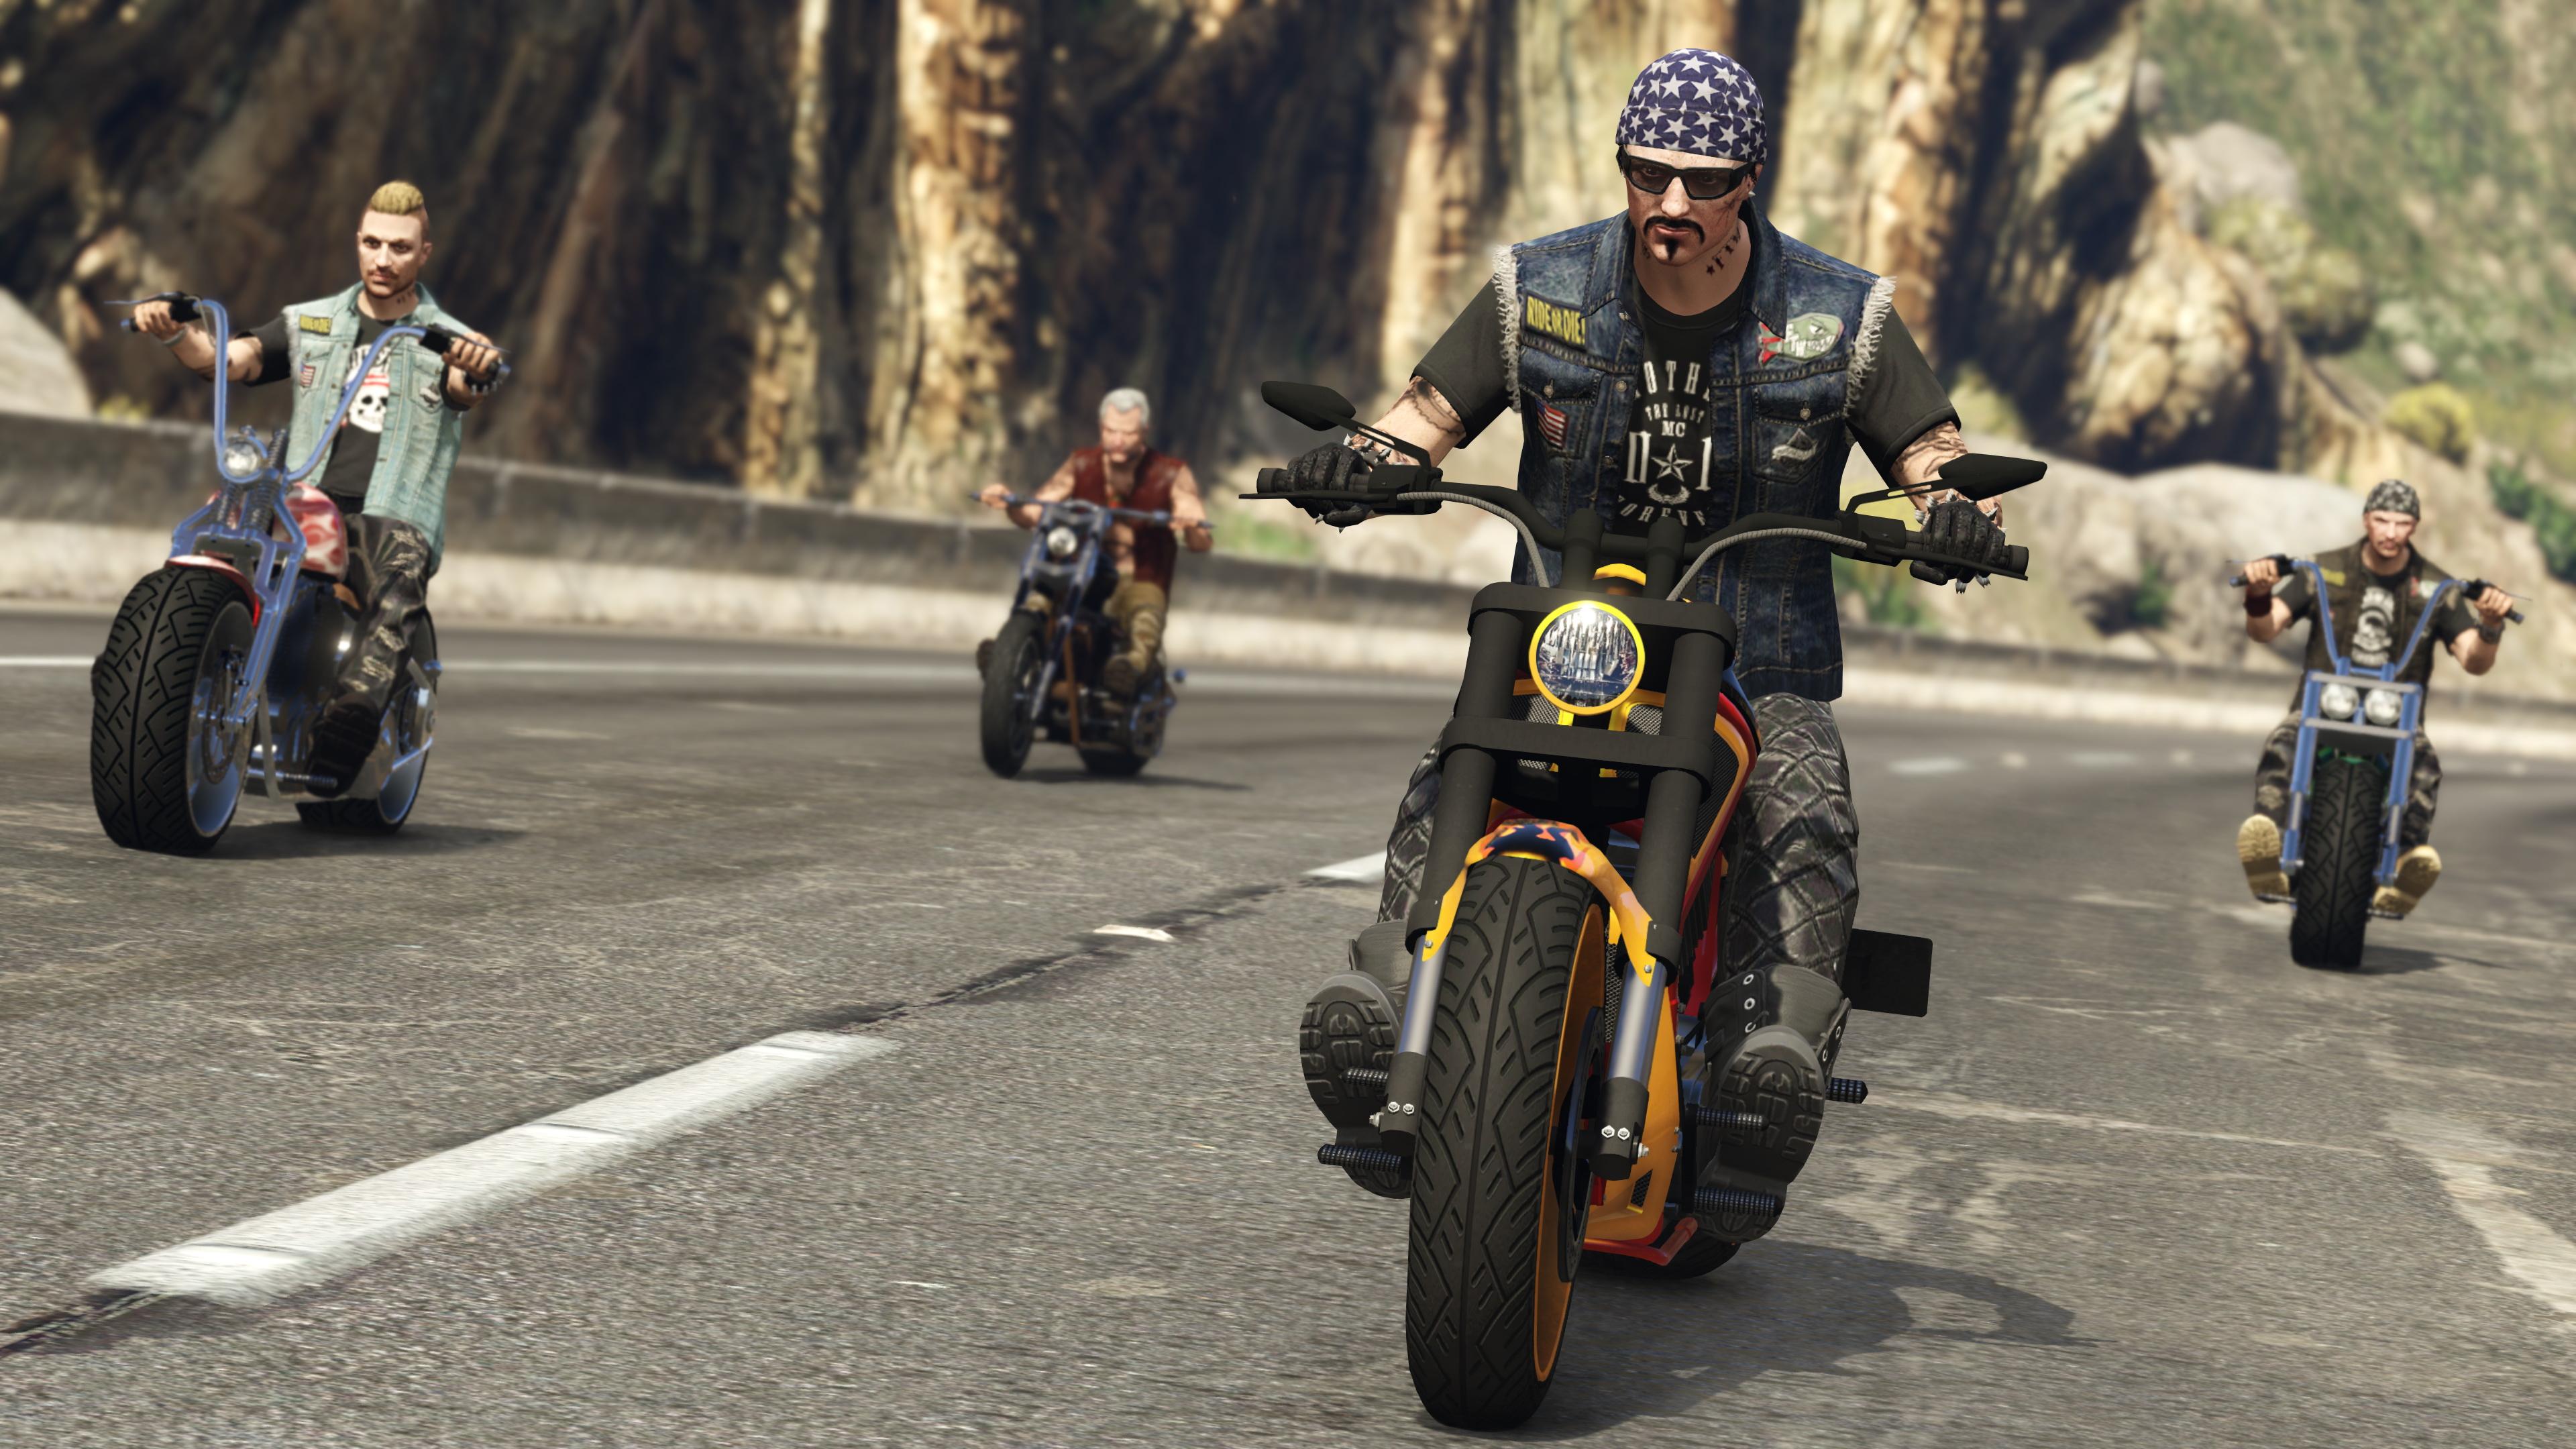 gta, gta online, bikers, bikers dlc, rockstar games, 4k ultra hd